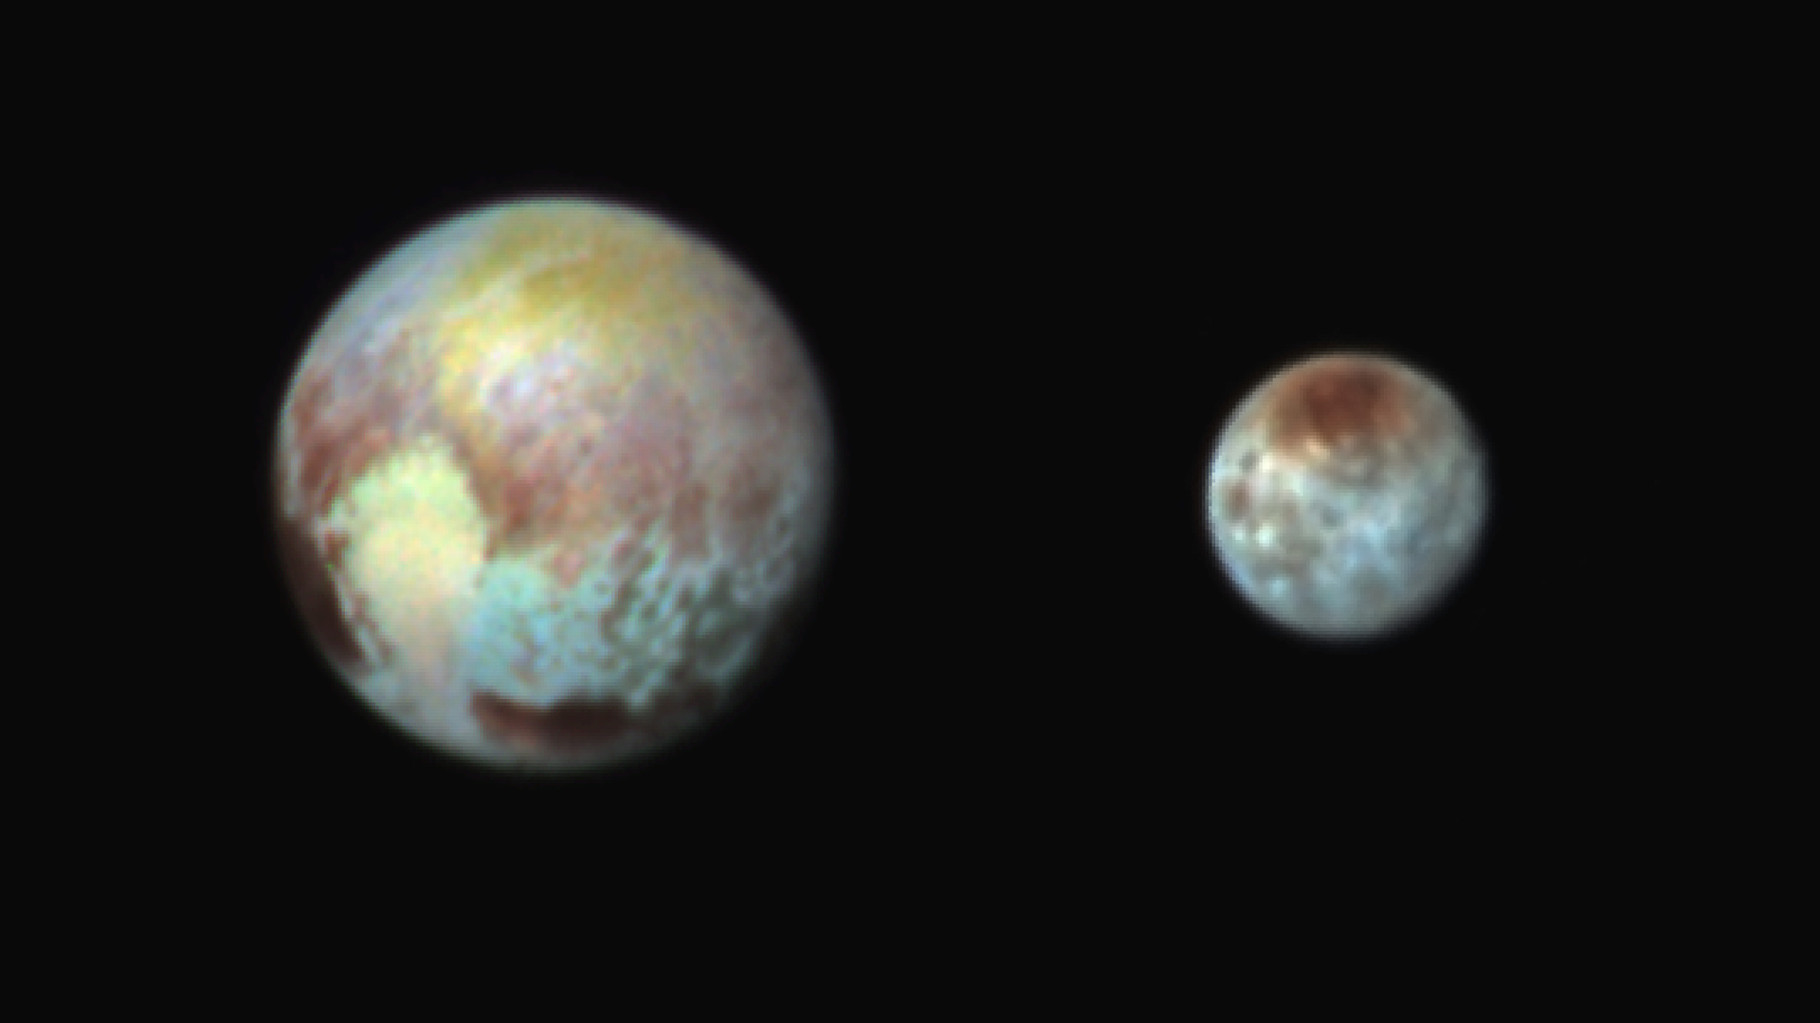 Pluton et Charon en couleurs très exagérées pour mettre encore plus en relief les détails